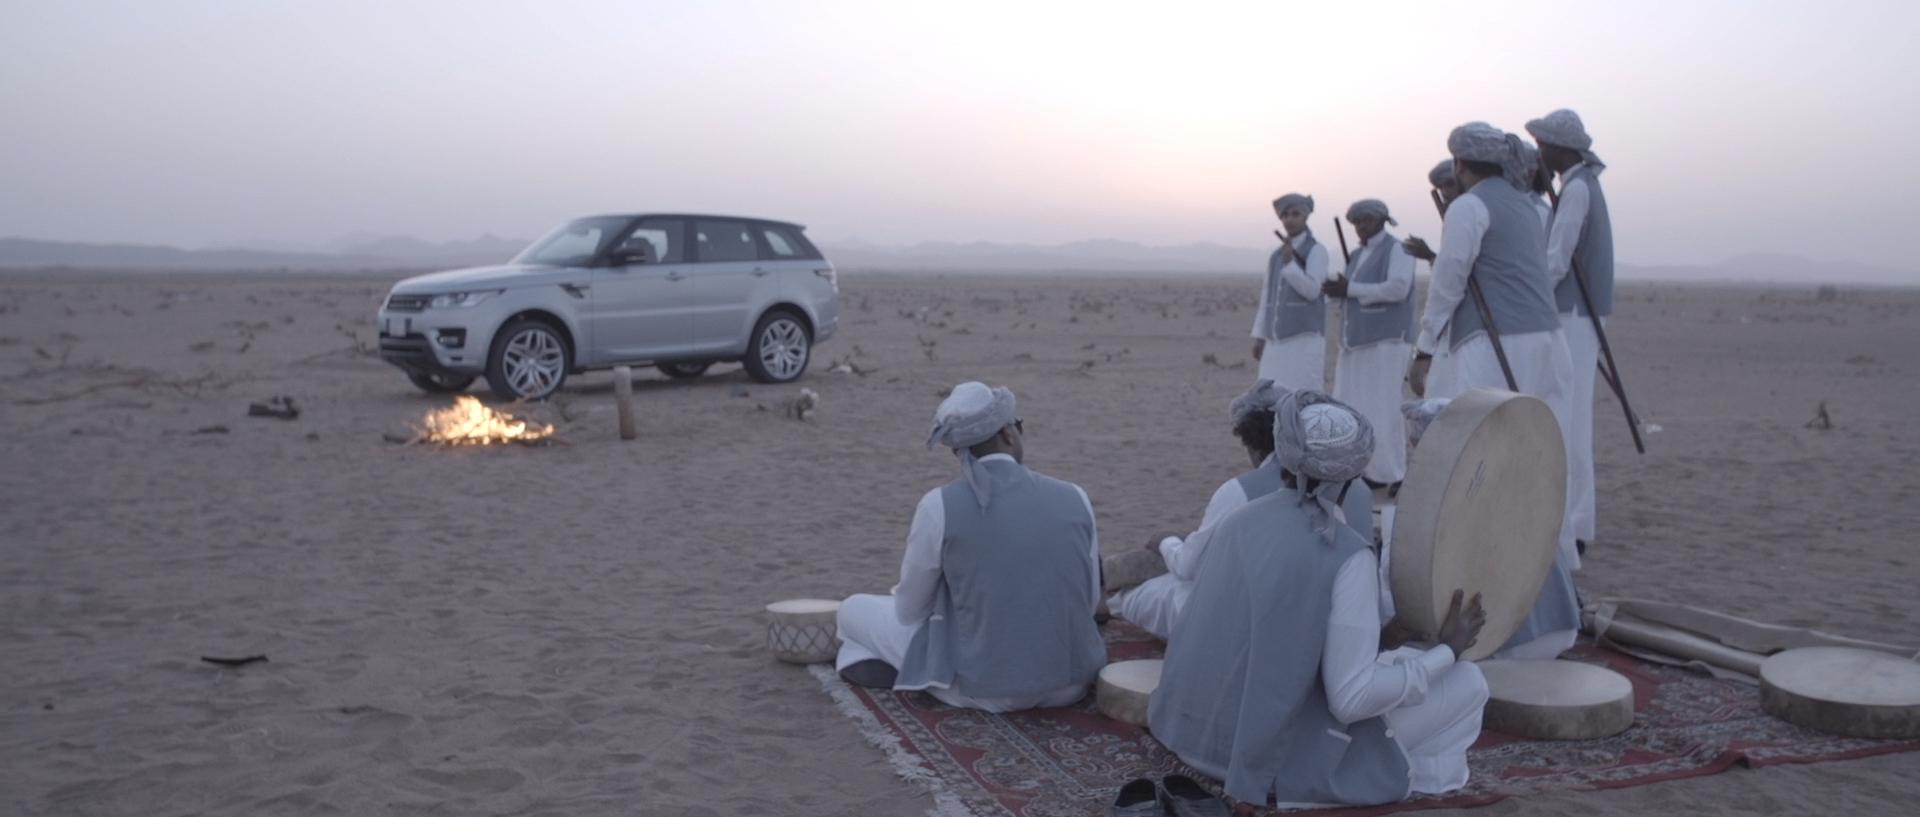 Sara al arab land rover_1.65.1.jpg